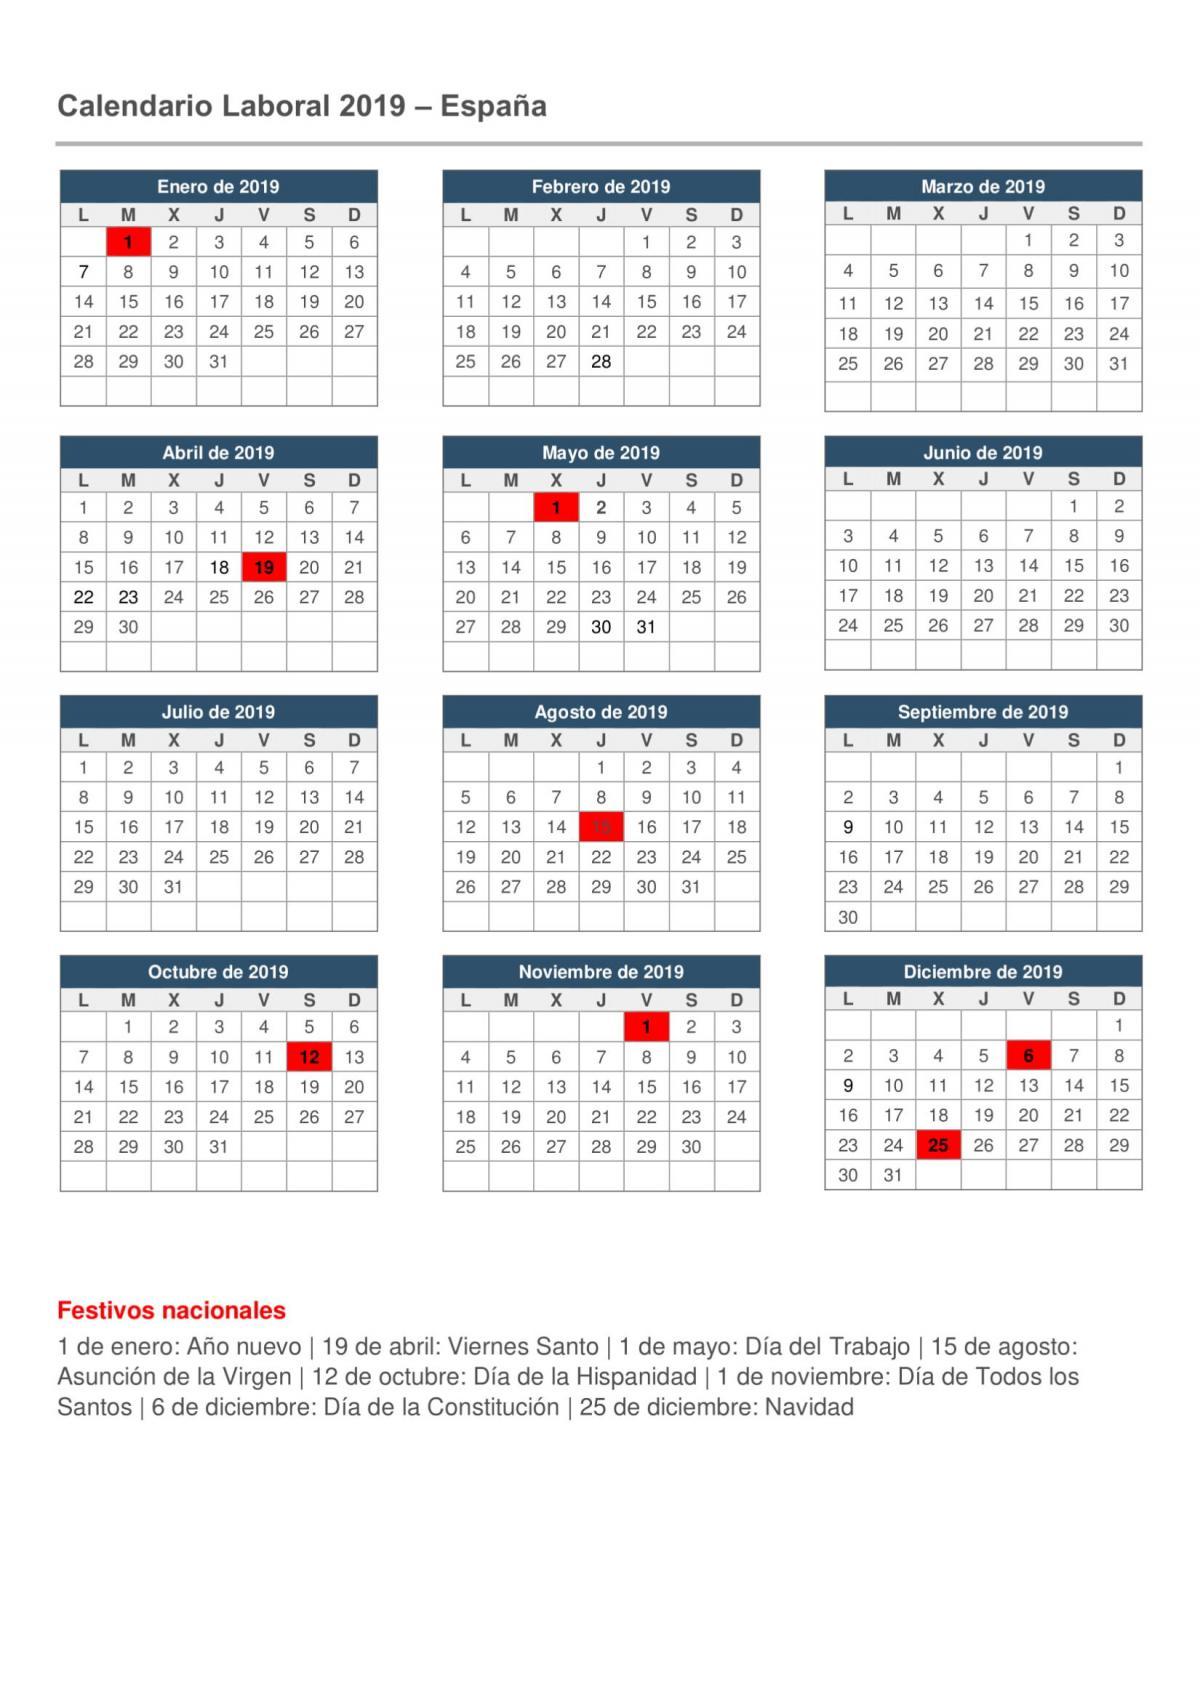 Seg Social Calendario Laboral.Confederacion Sindical De Comisiones Obreras